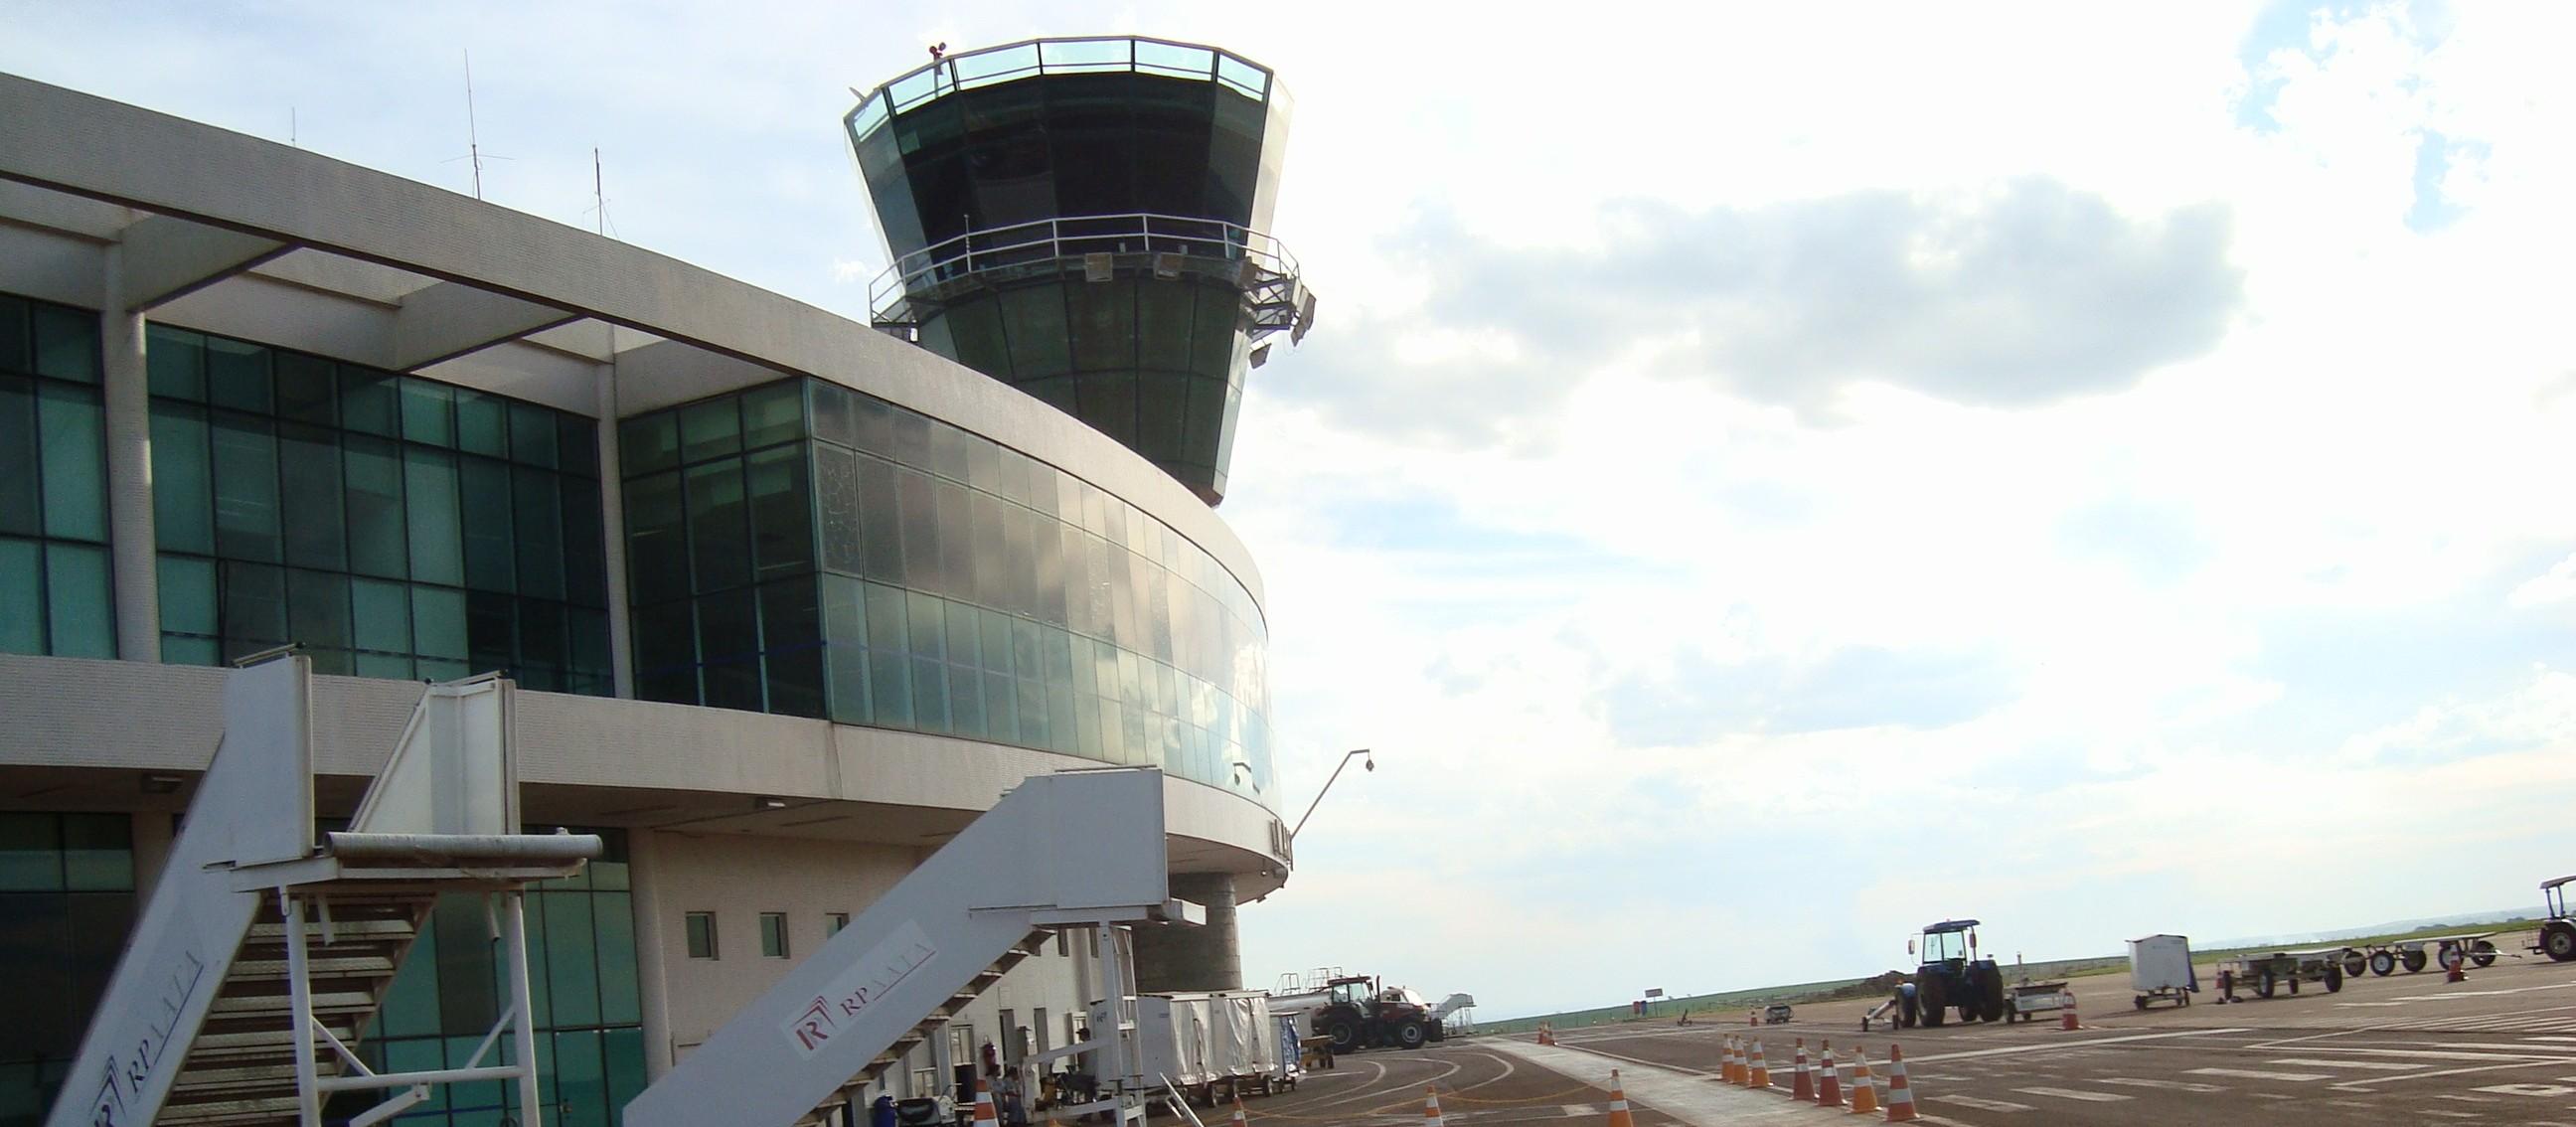 Superintendente explica aos vereadores mudanças no controle aéreo